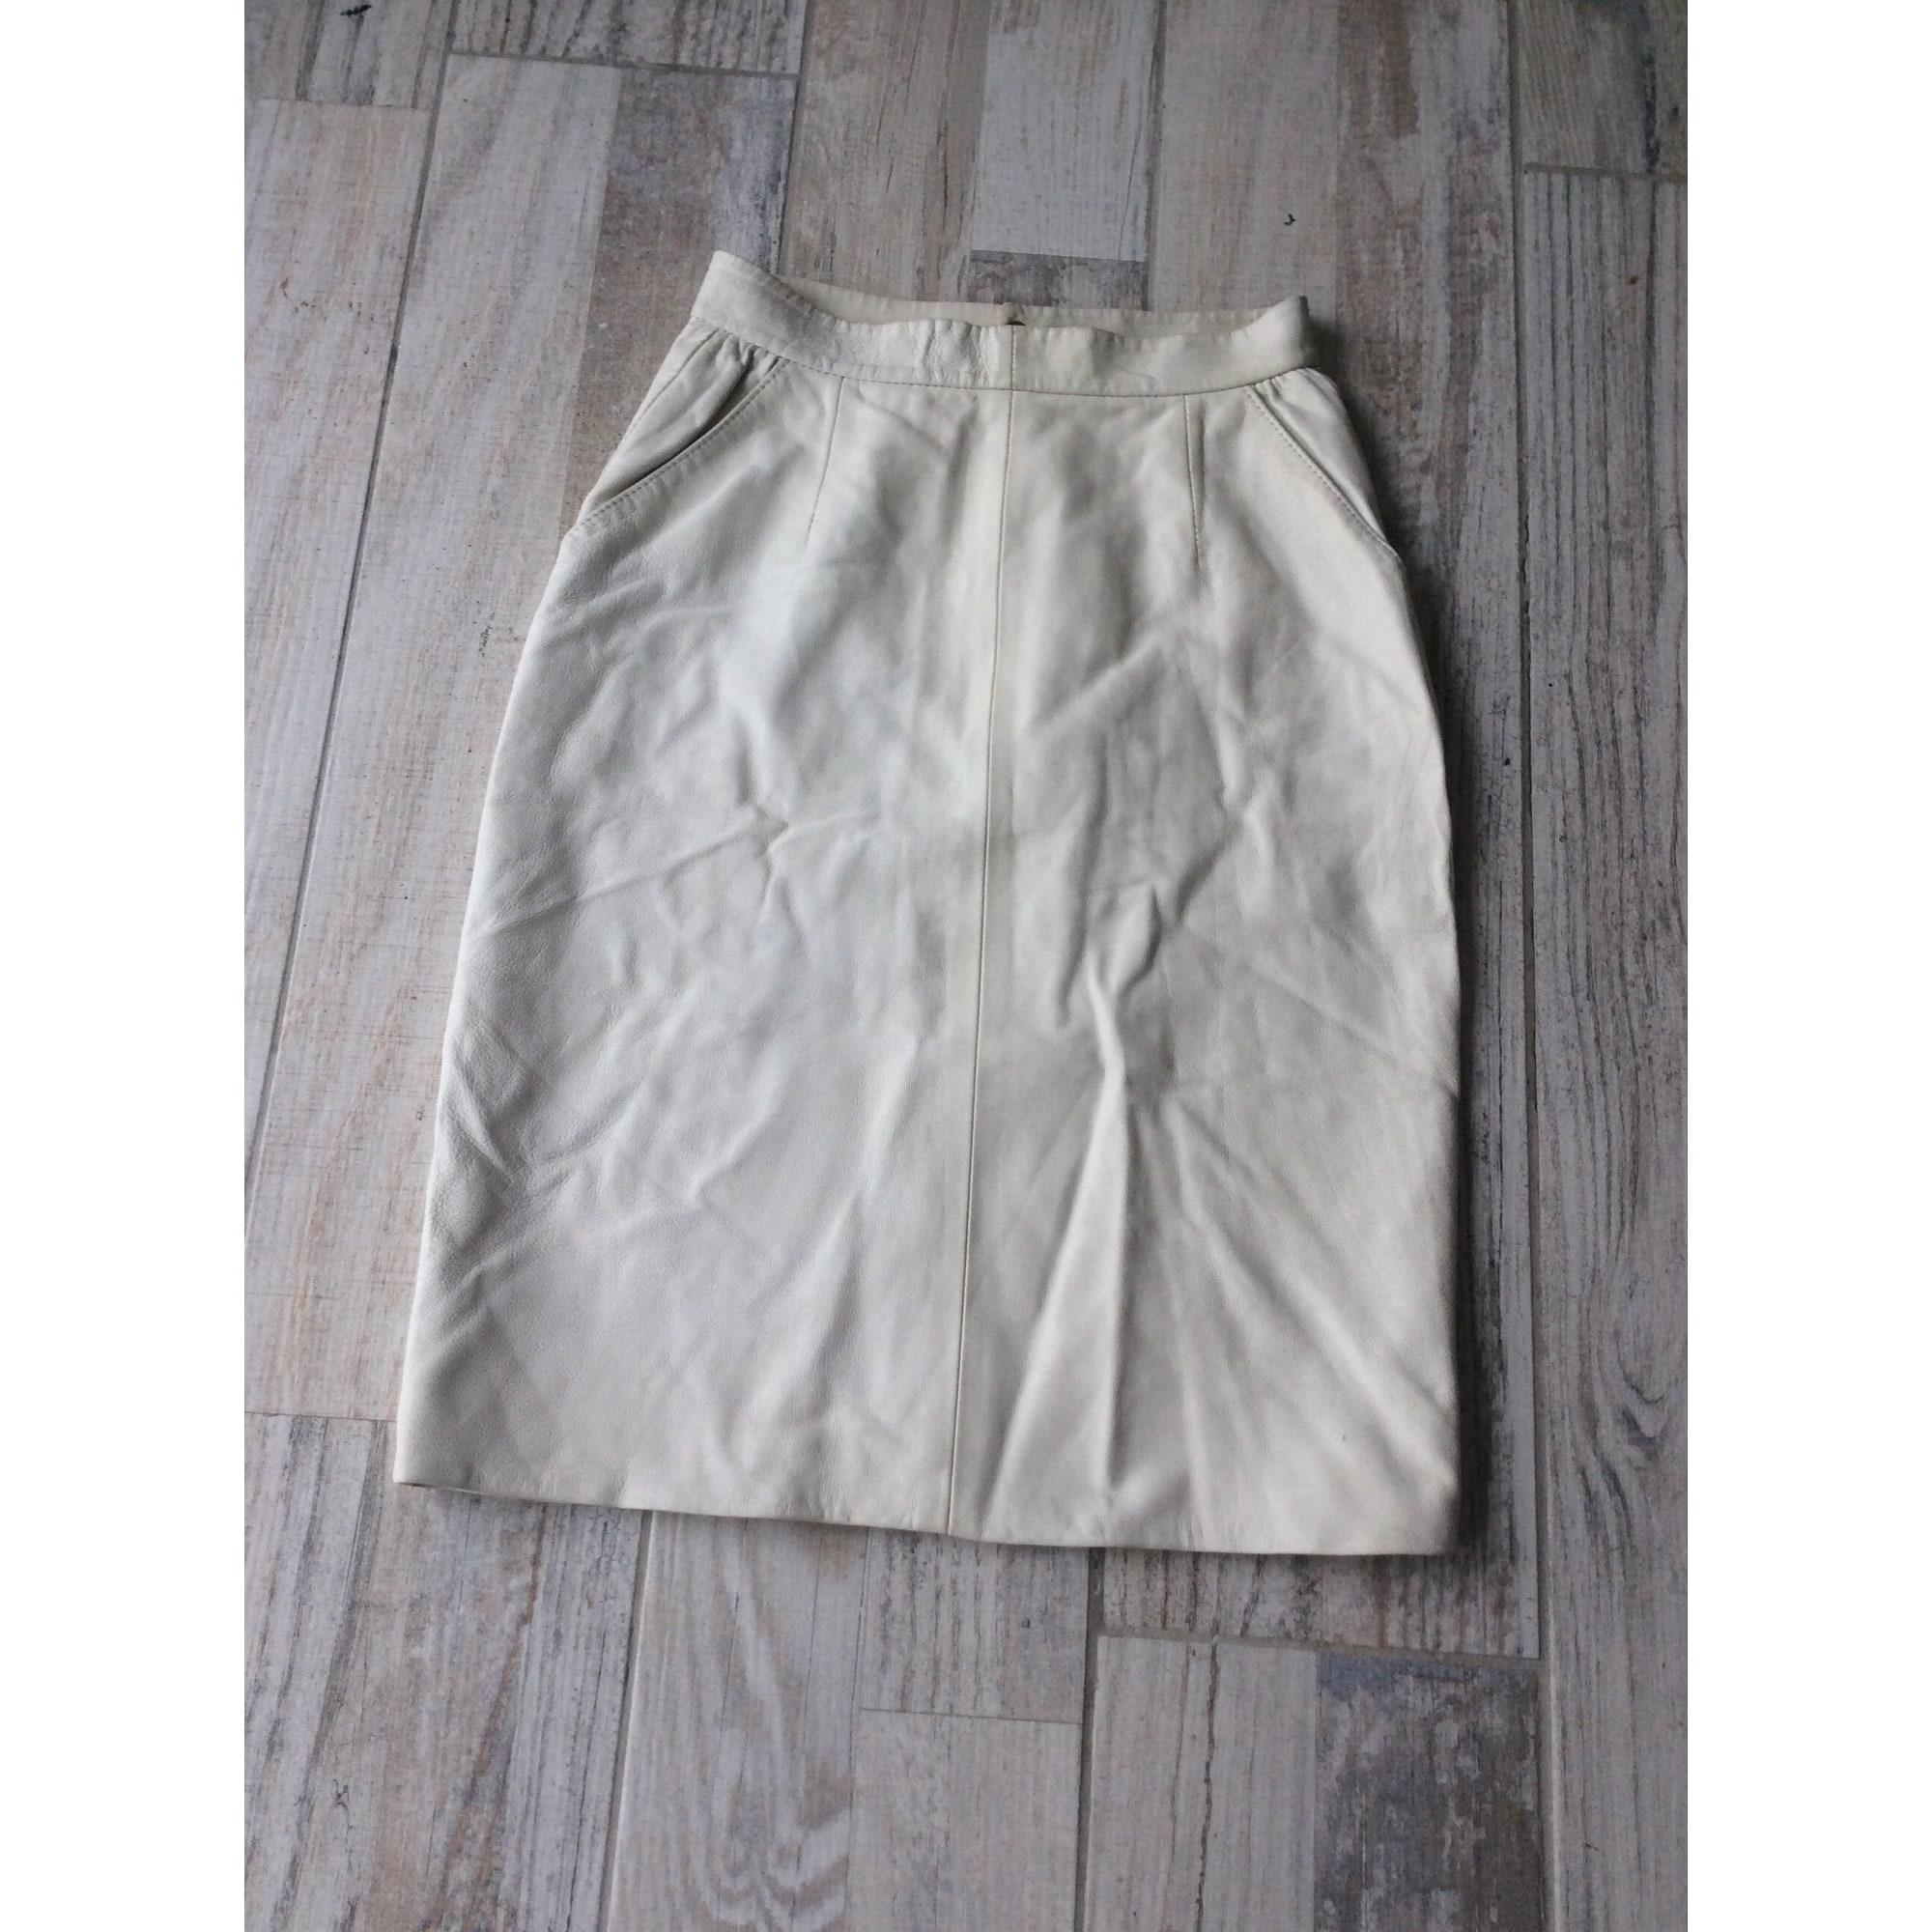 Jupe courte MARQUE INCONNUE Blanc, blanc cassé, écru